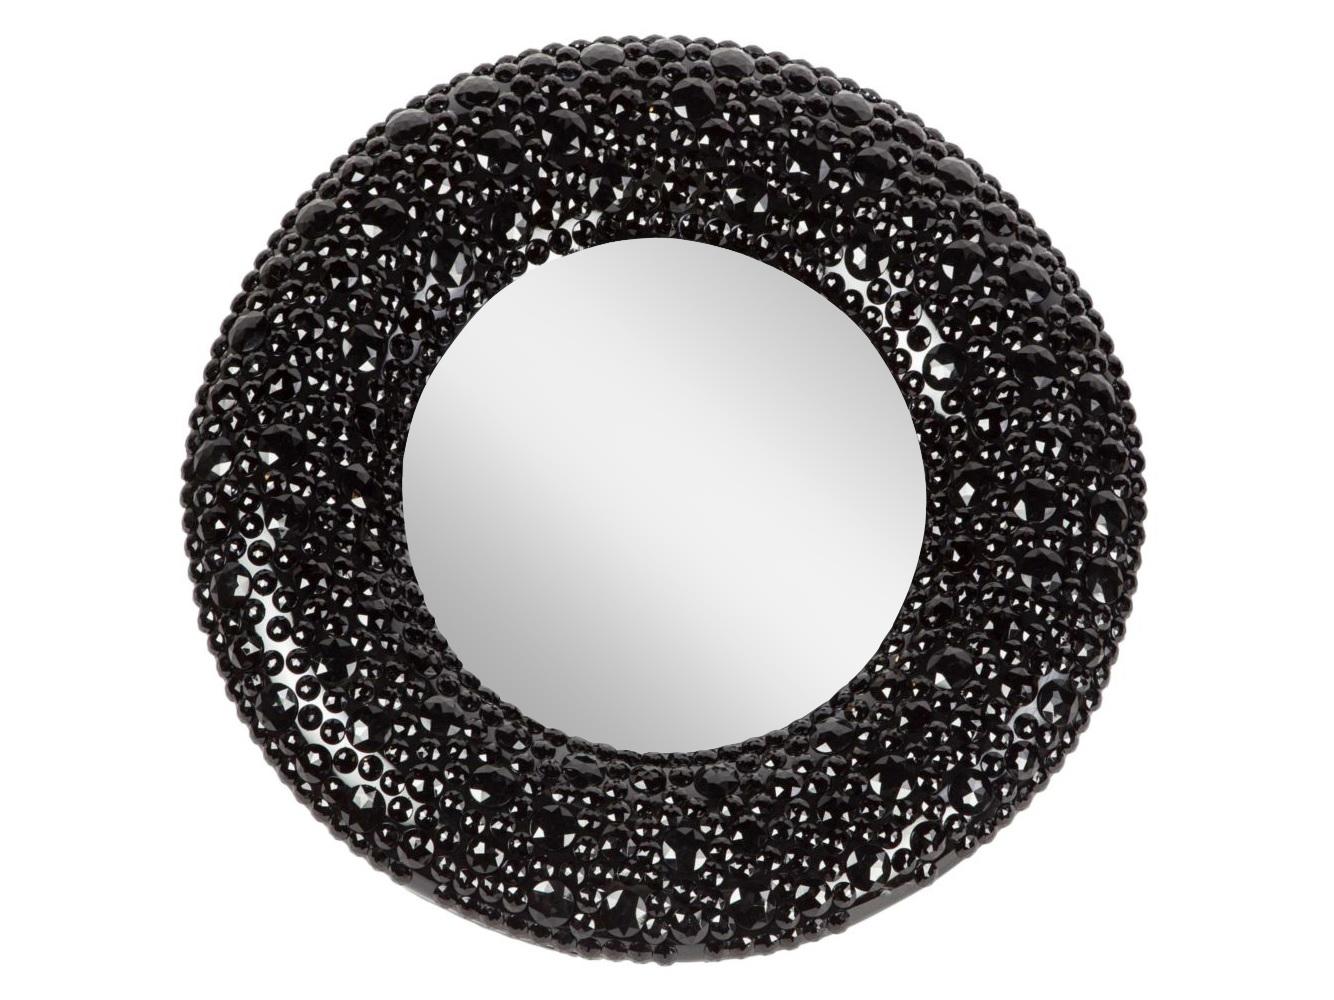 Зеркало Black PearlНастенные зеркала<br>В этом зеркале дизайнеры искусно совместили отголоски глянцевого гламура, сдержанную роскошь вечно актуального Ар-Деко и современные модные тенденции – мягкую геометрию, облаченную в ненавязчивый блеск. Вы можете окружить Black Pearl мебелью и аксессуарами на свой вкус – позолоченным барокко или строгим минимализмом – такая деталь гармонично вольется в любой предложенный стиль.<br><br>Material: Пластик<br>Глубина см: 6